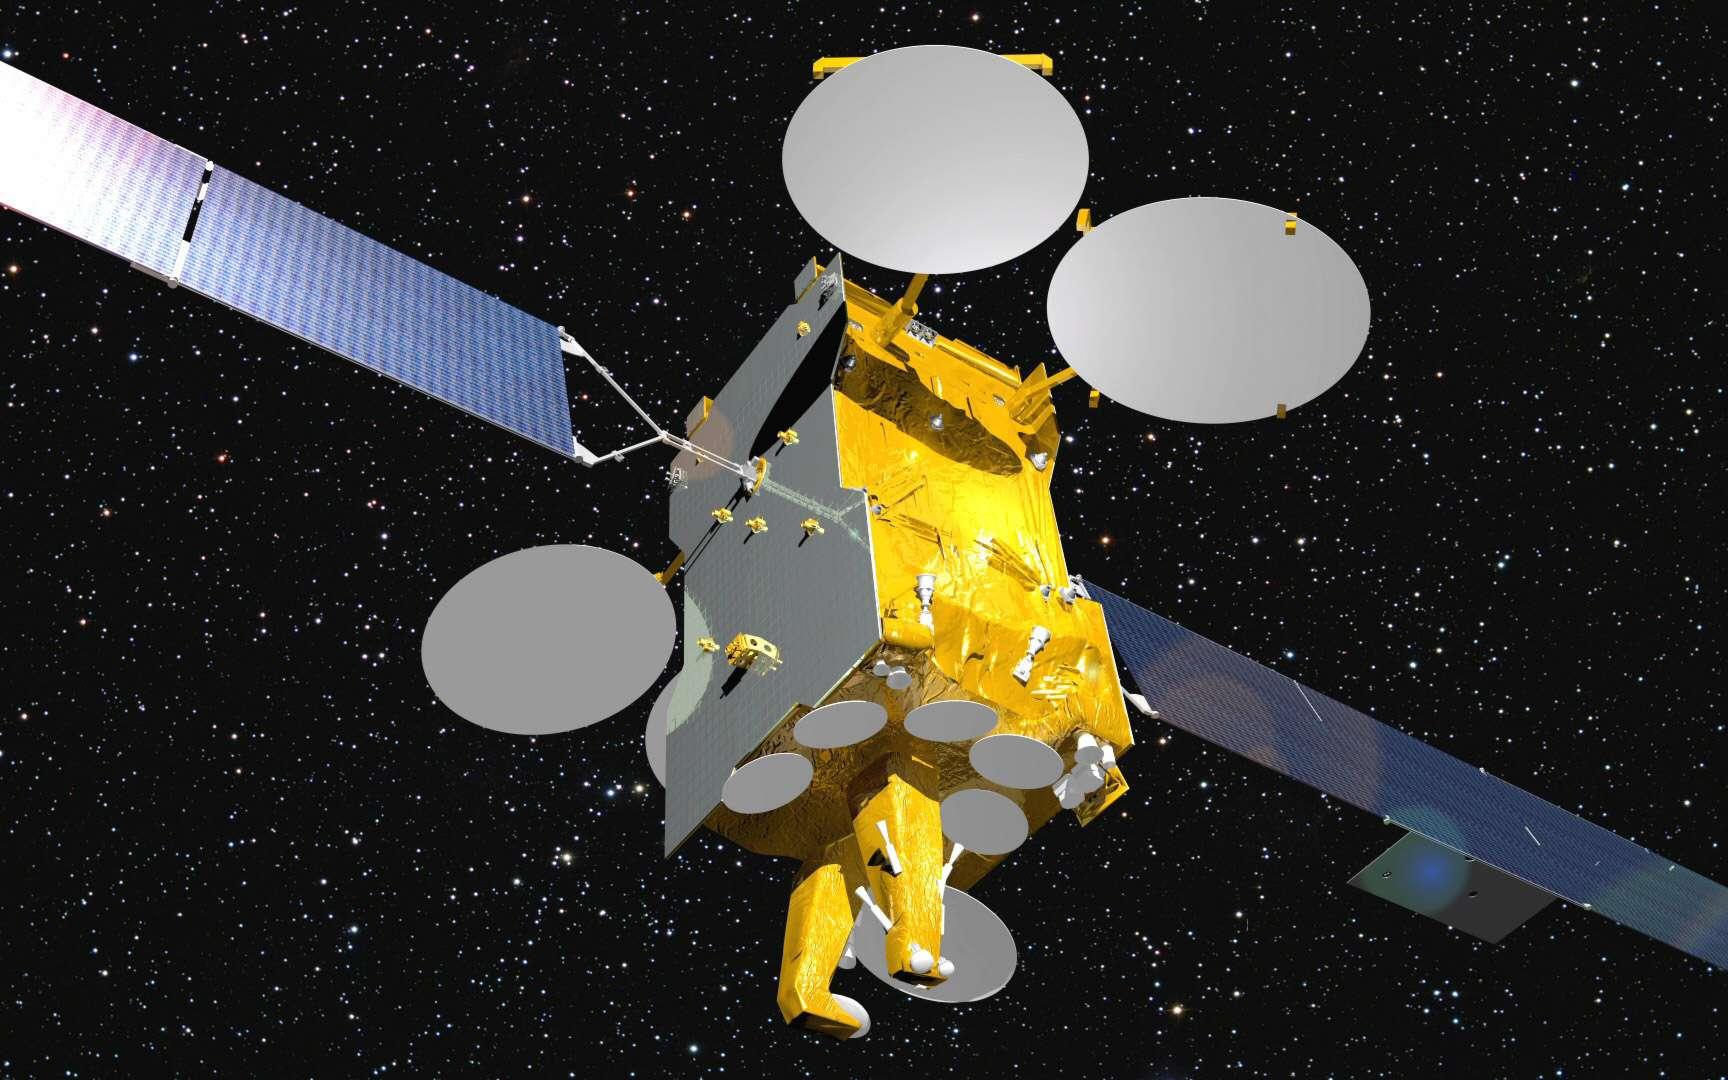 Le satellite Eutelsat 3B complétera en 2014 l'offre de service fournie par Eutelsat, premier opérateur européen et l'un des trois premiers opérateurs mondiaux de services fixes par satellite. © Astrium